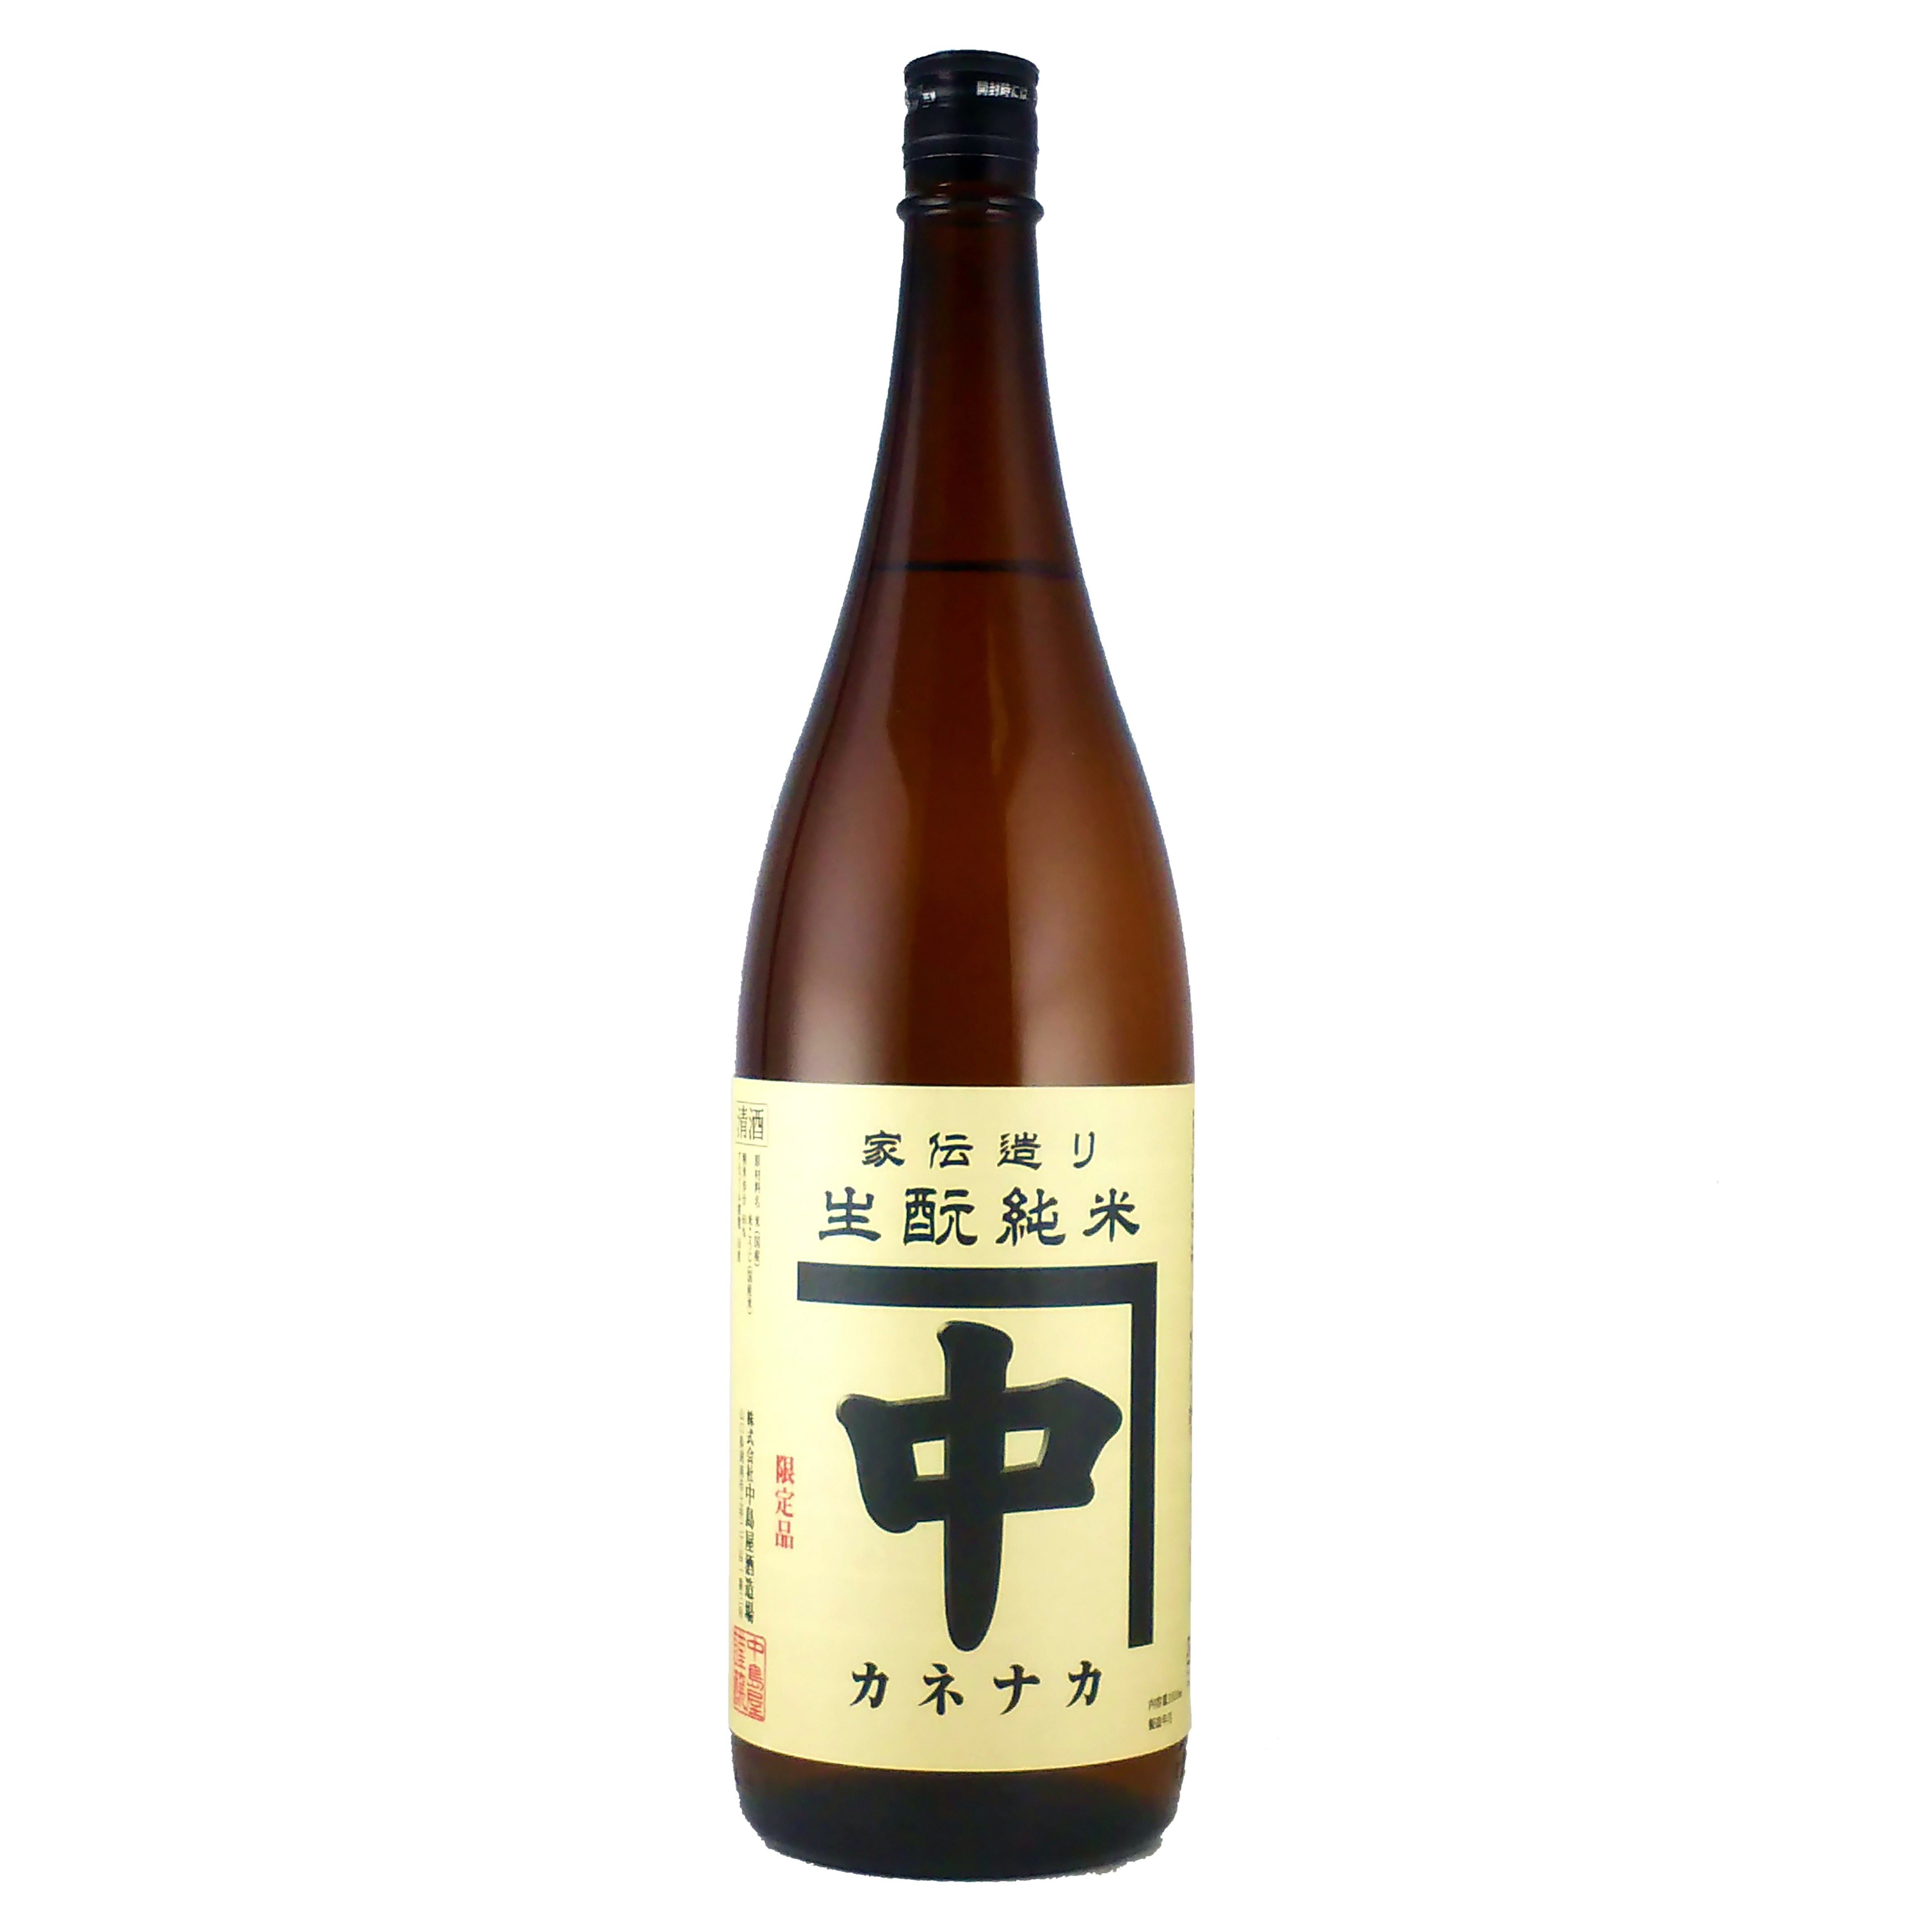 カネナカ 生もと純米酒